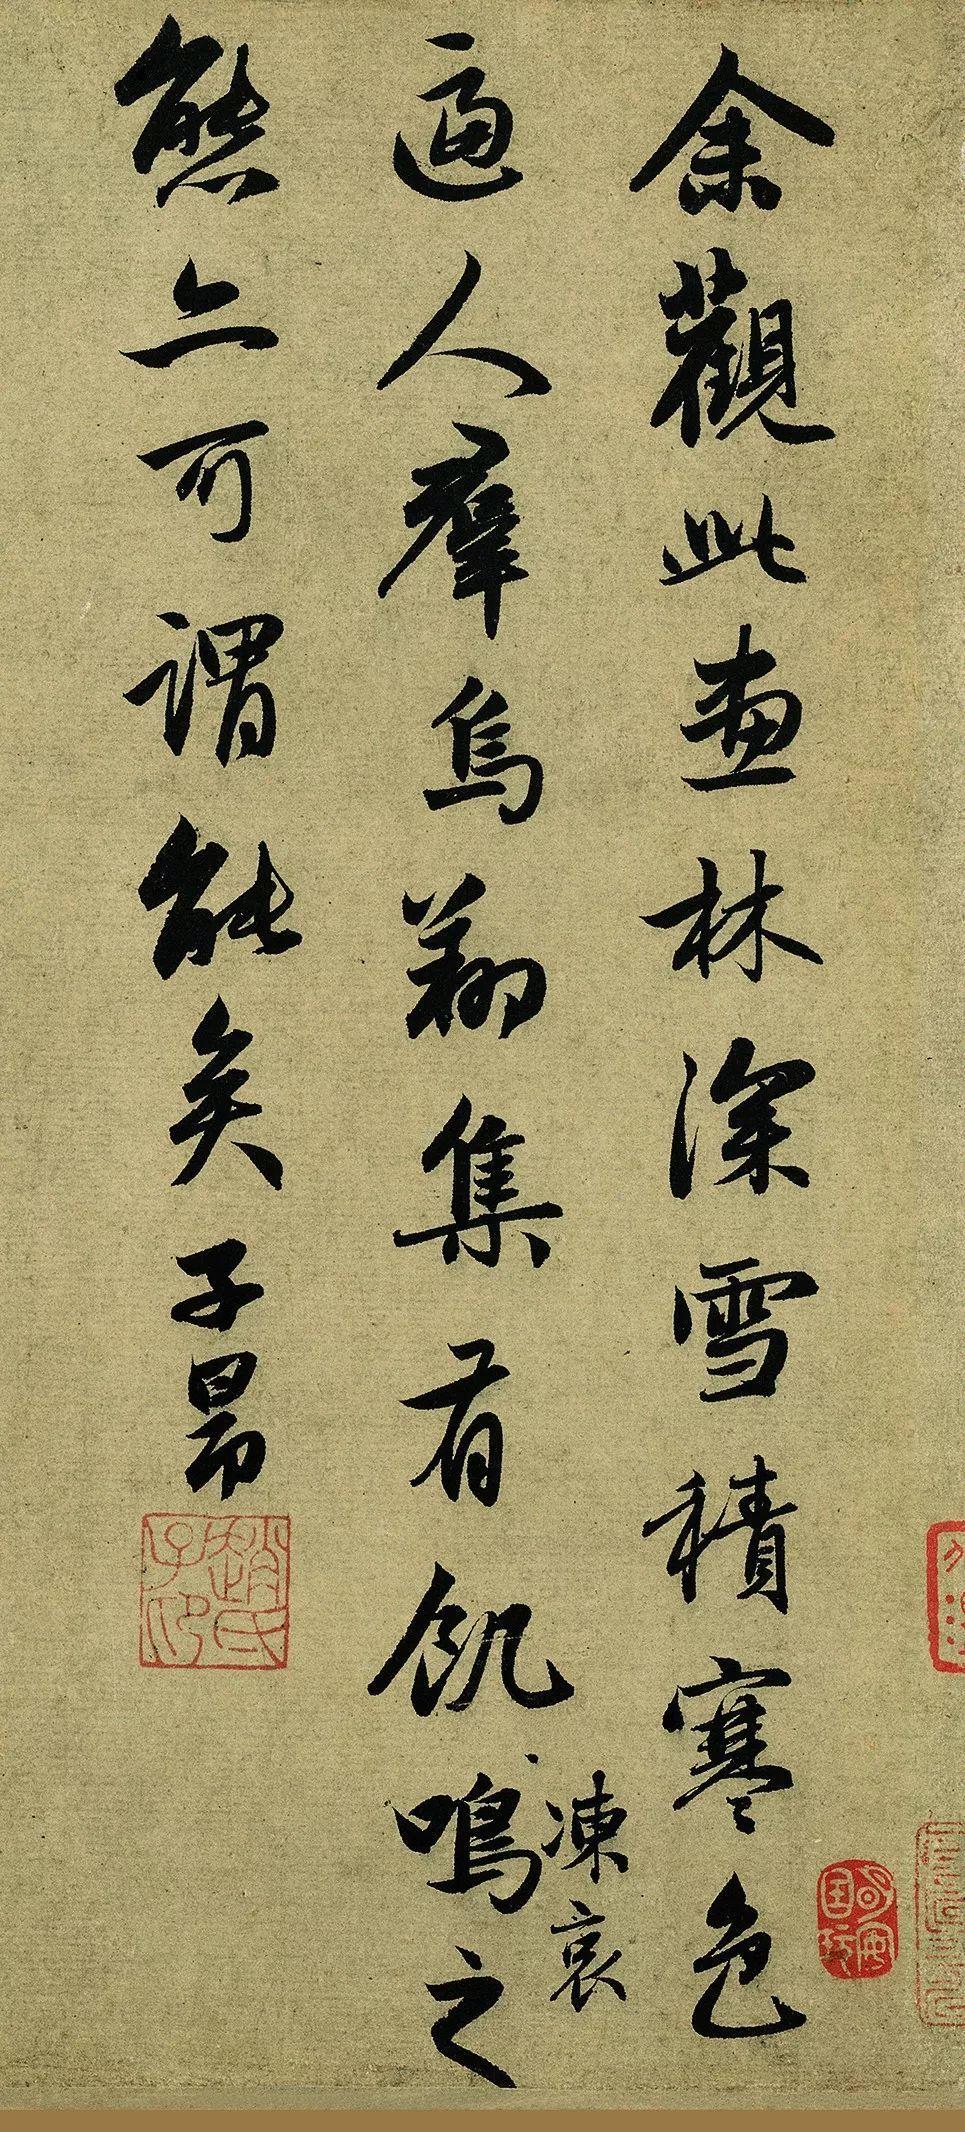 千古名作《寒鸦图》高手题跋字字风流